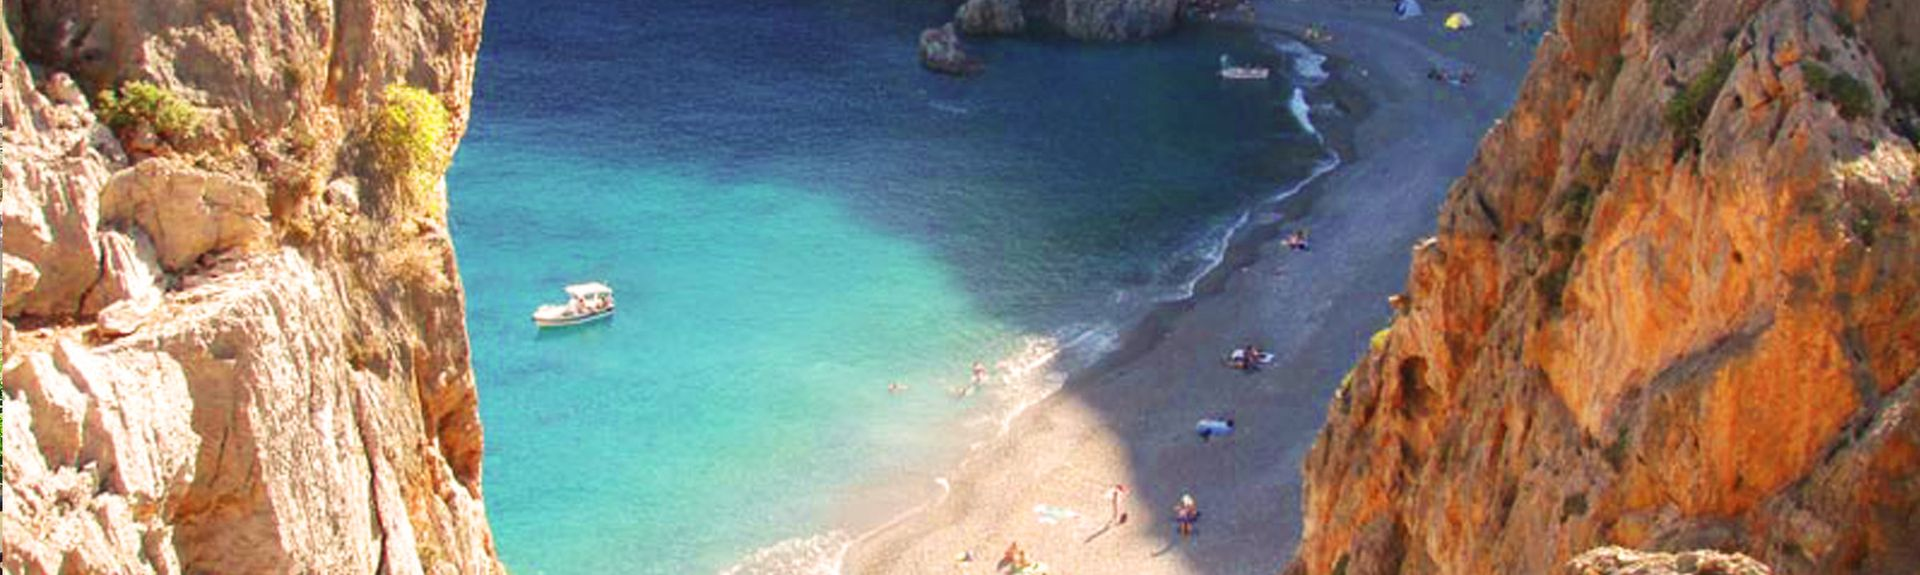 Lentas, Kreta, Grækenland